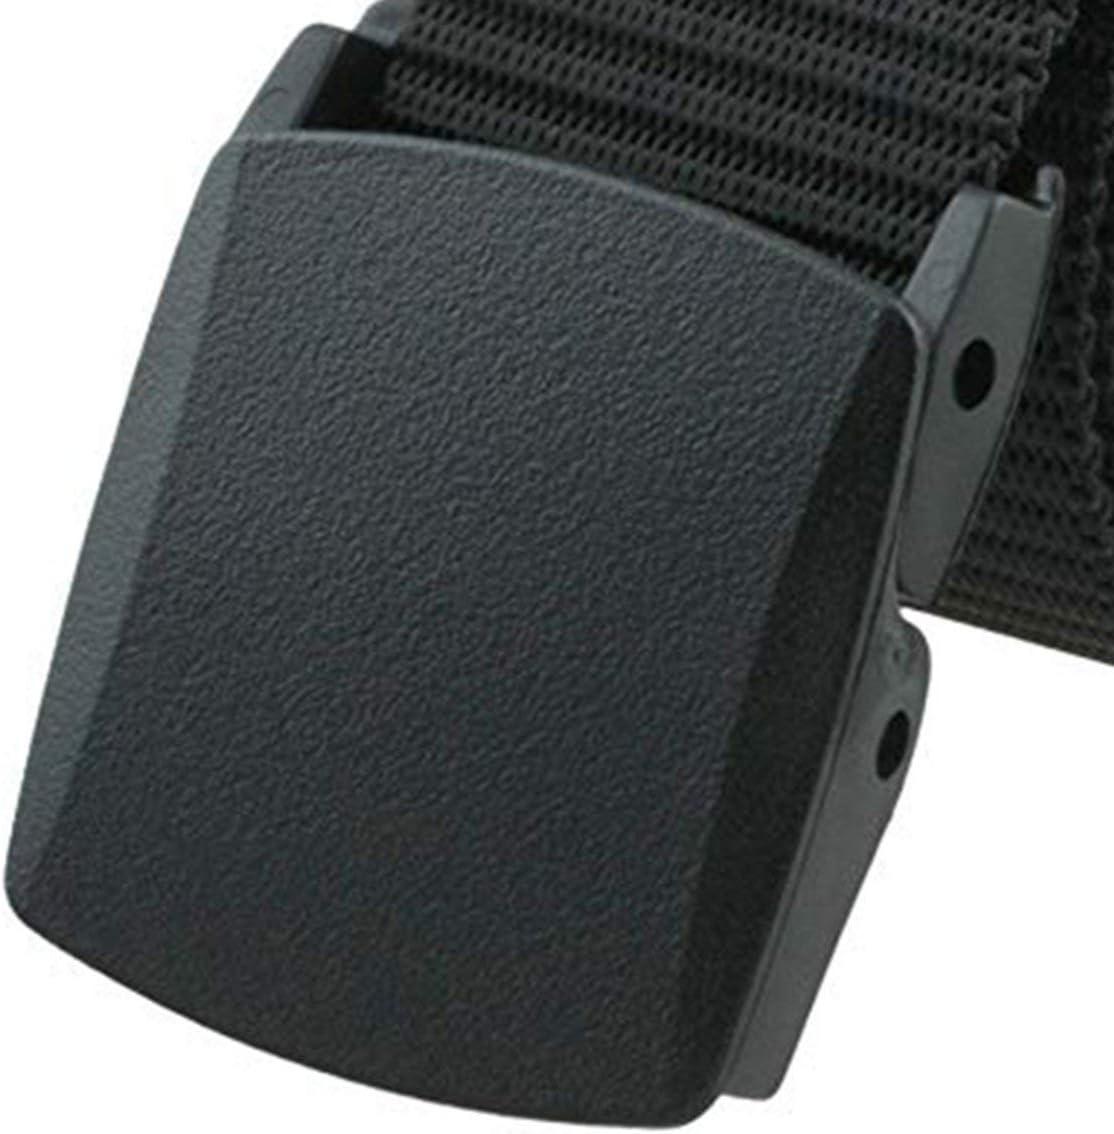 Funnyrunstore Universale in nylon Fibbia in plastica Cintura tattica Cintura da uomo Cintura tattica da esercito Moda Outdoor Militare Caccia Sport Cinturino nero